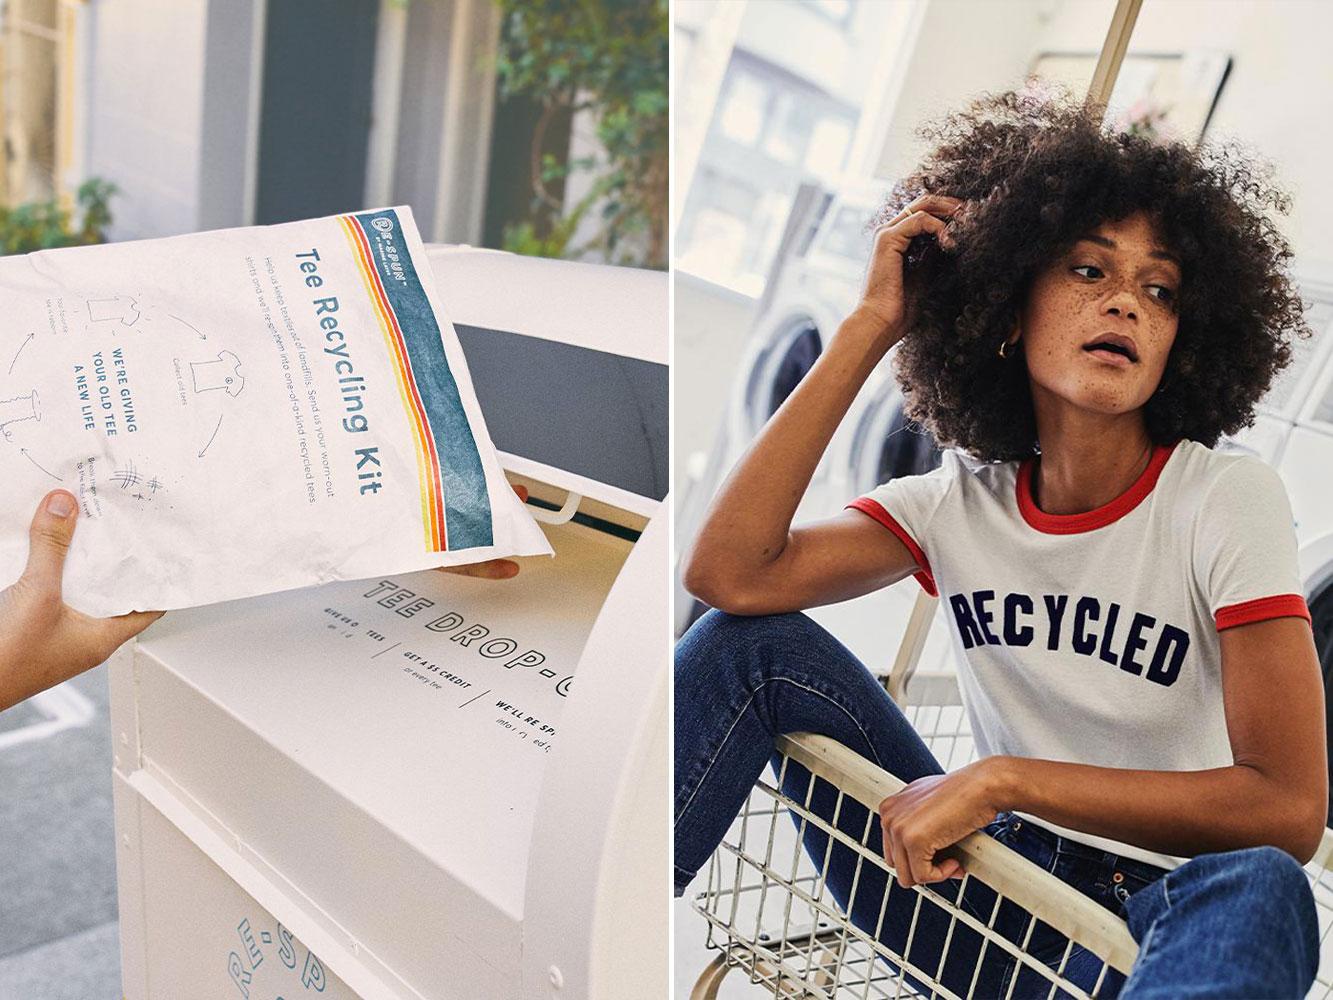 Áo thun làm từ chất liệu cotton tái chế của Marine Layer, thương hiệu thời trang thân thiện với môi trường từ San Francisco, Mỹ. Ảnh: Marine Layer